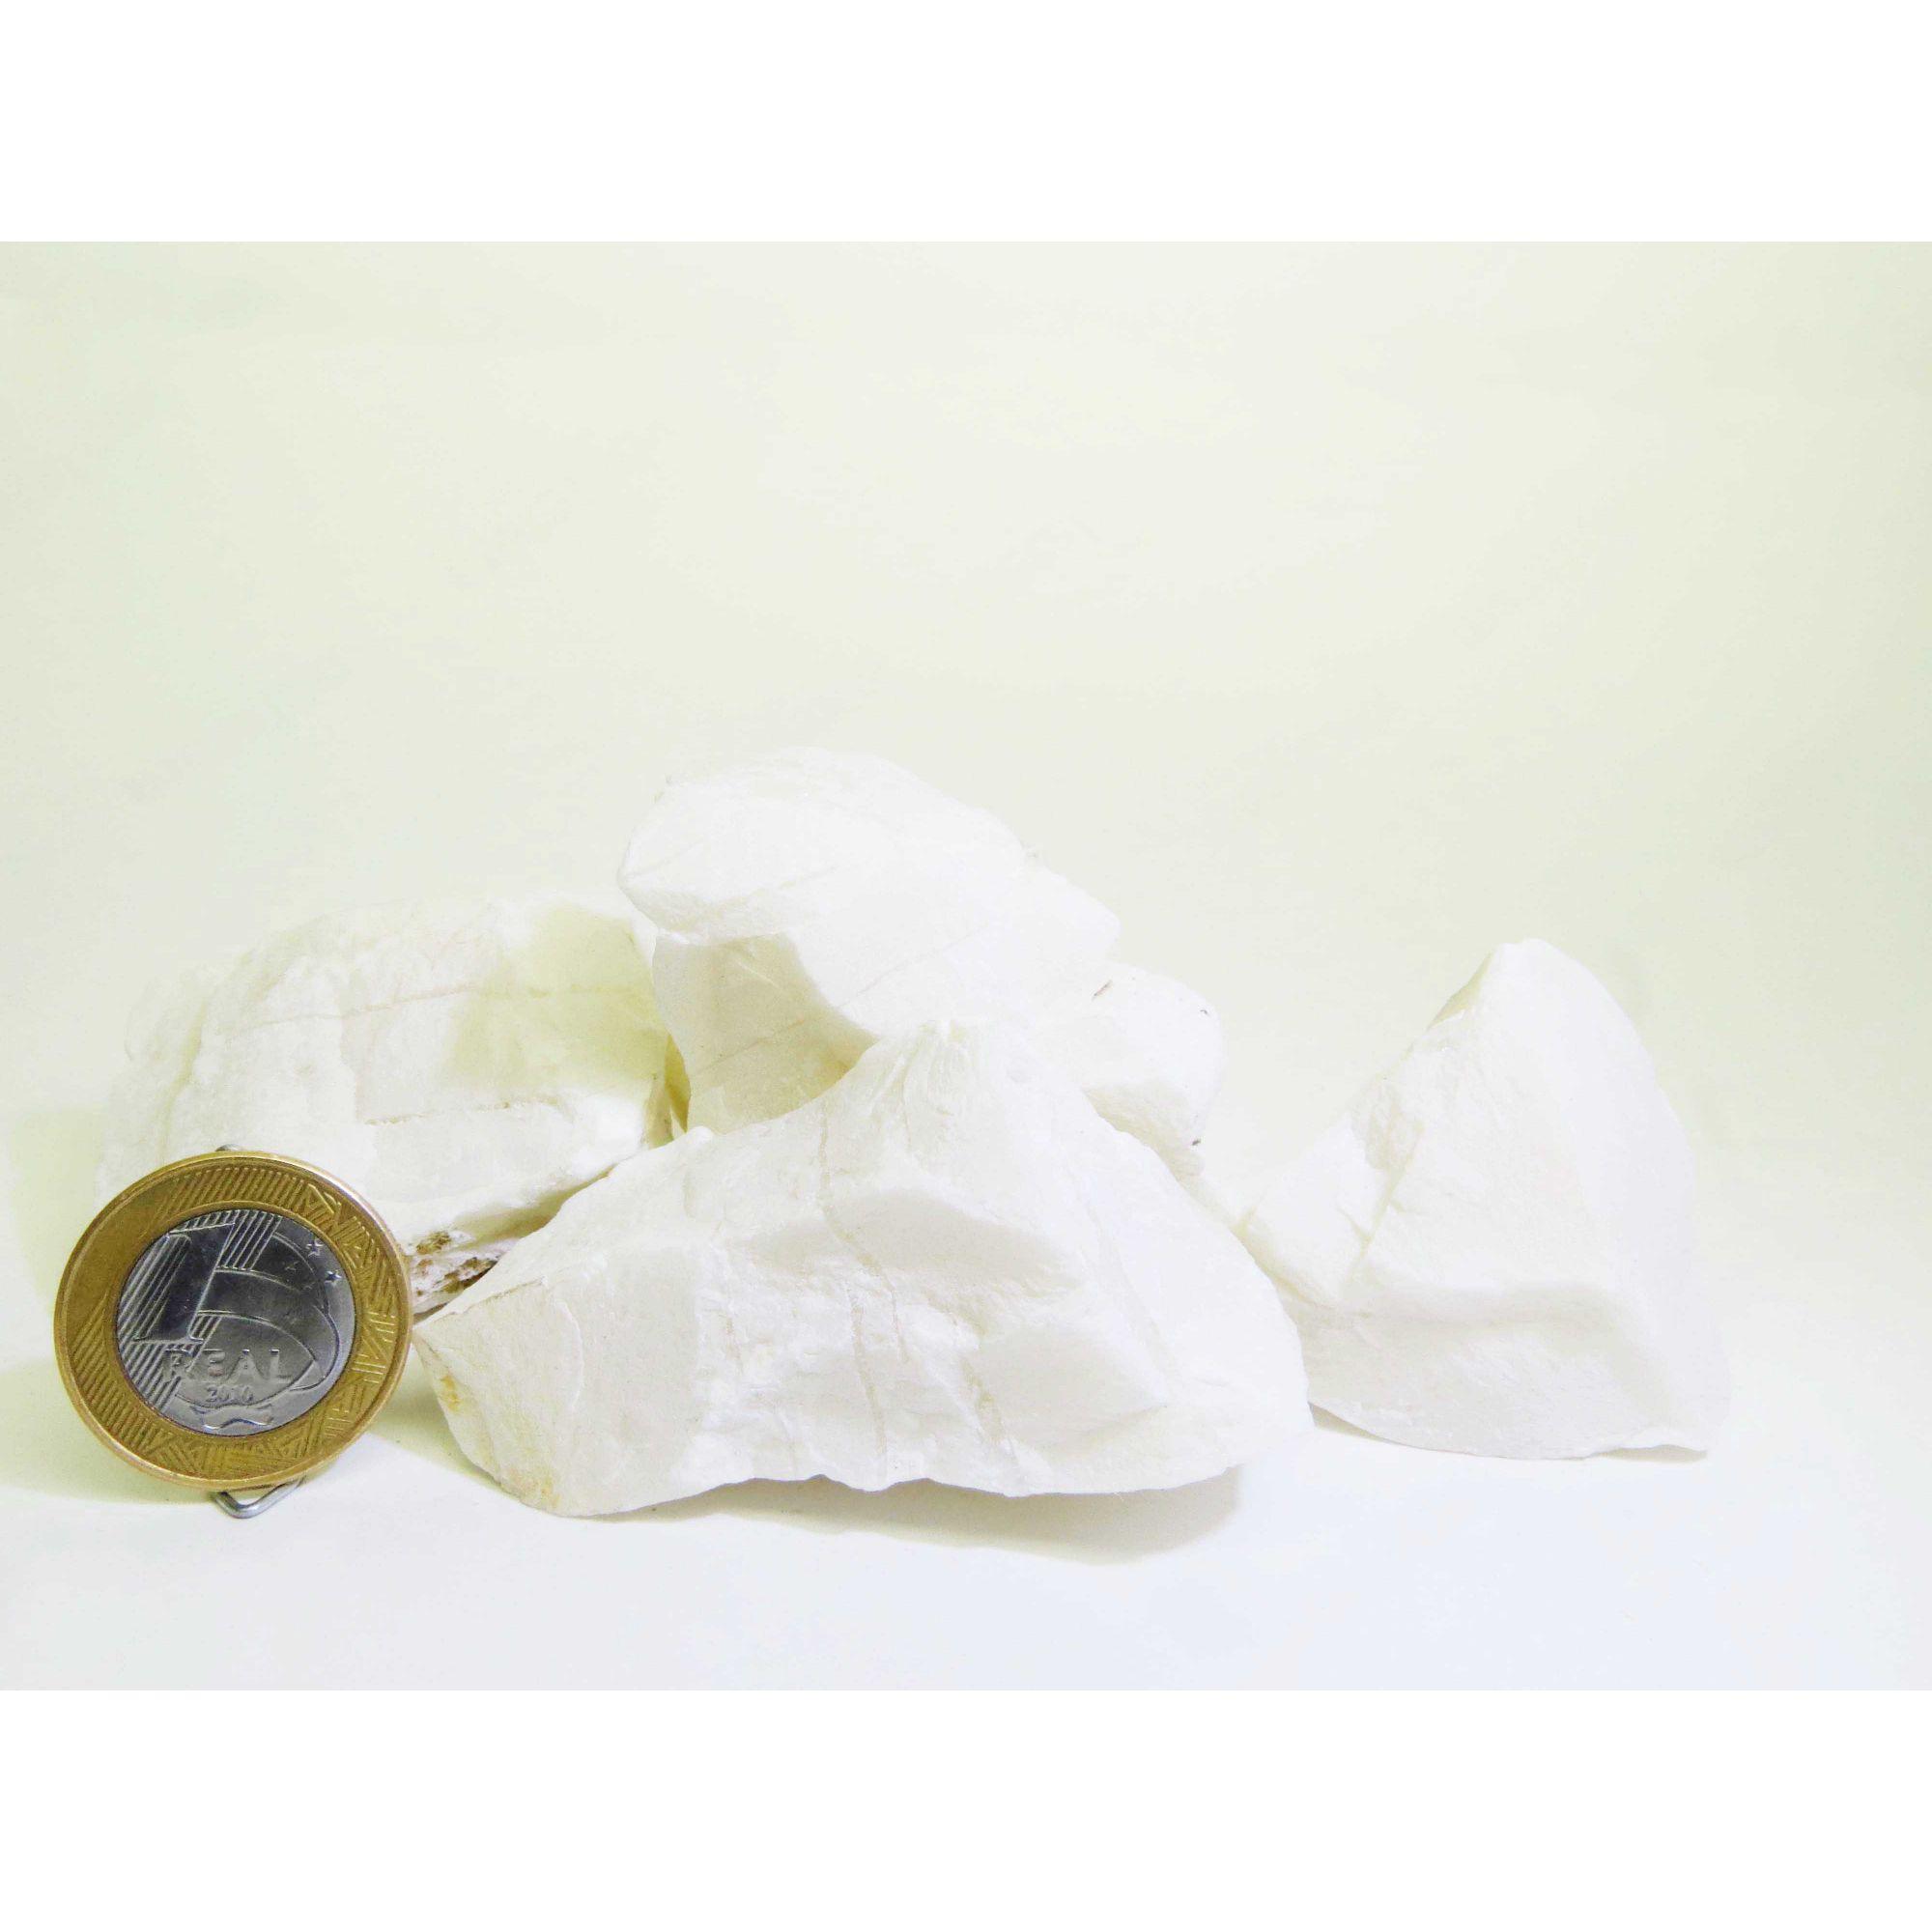 Dolomita Branca - Bruto